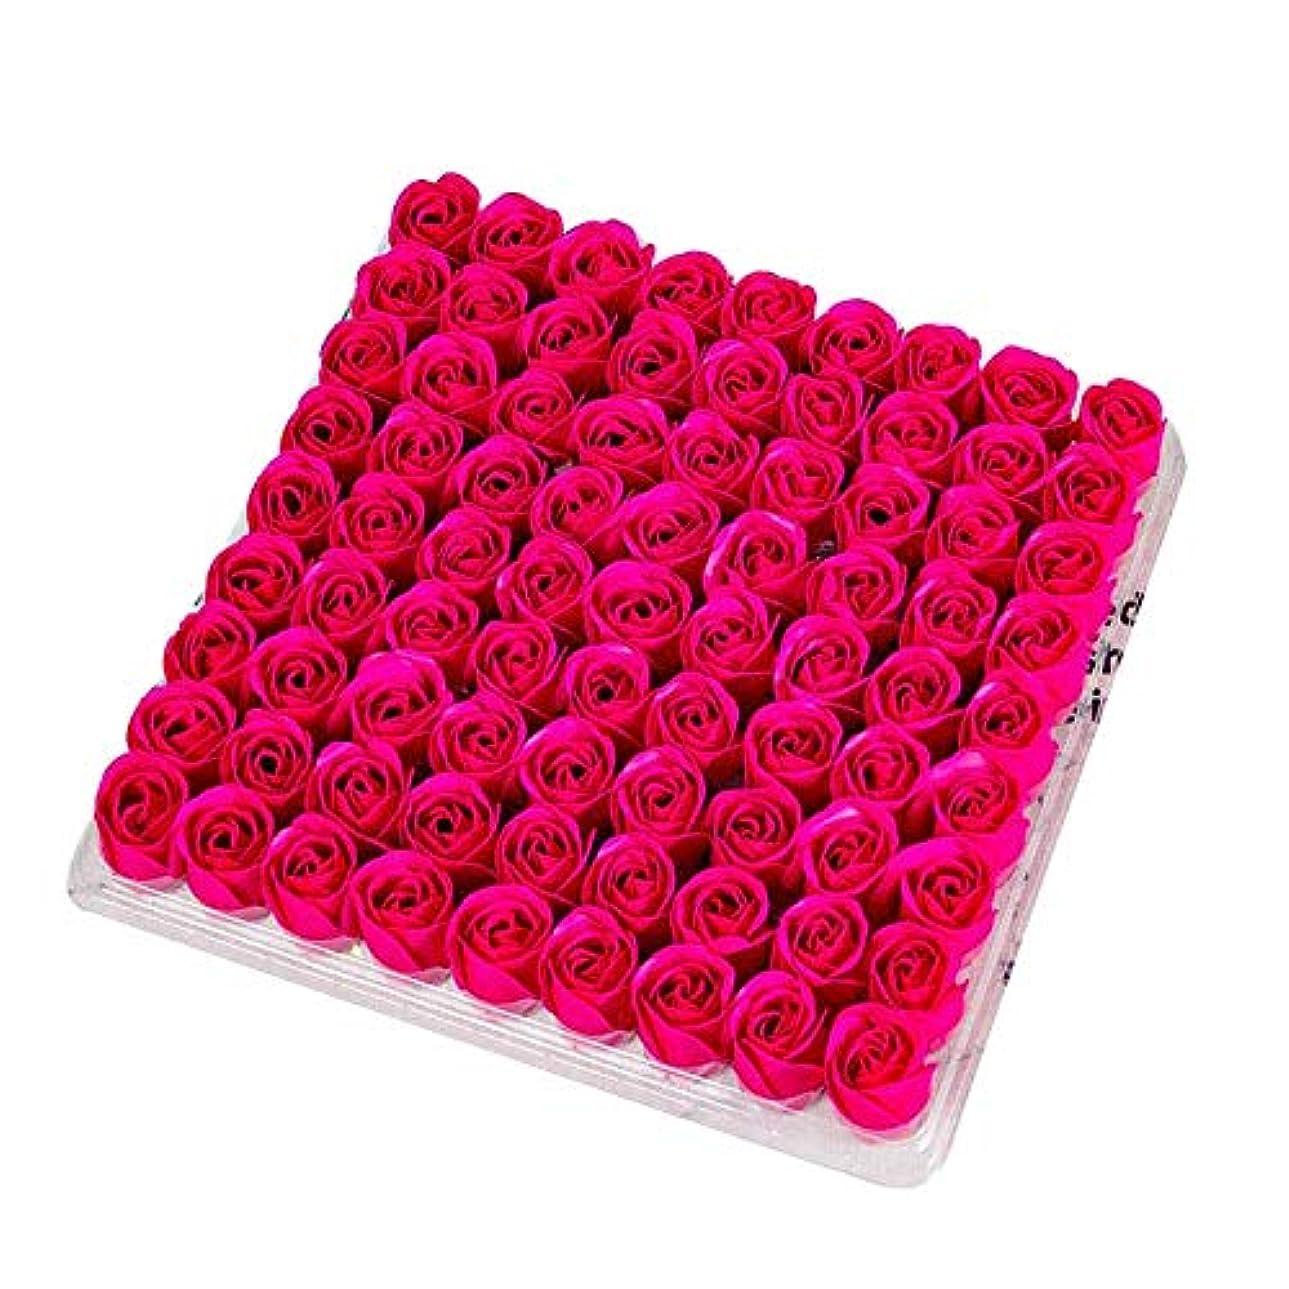 情熱的慣性ところでCUHAWUDBA 81個の薔薇、バス ボディ フラワー?フローラルの石けん 香りのよいローズフラワー エッセンシャルオイル フローラルのお客様への石鹸 ウェディング、パーティー、バレンタインデーの贈り物、薔薇、ローズレッド